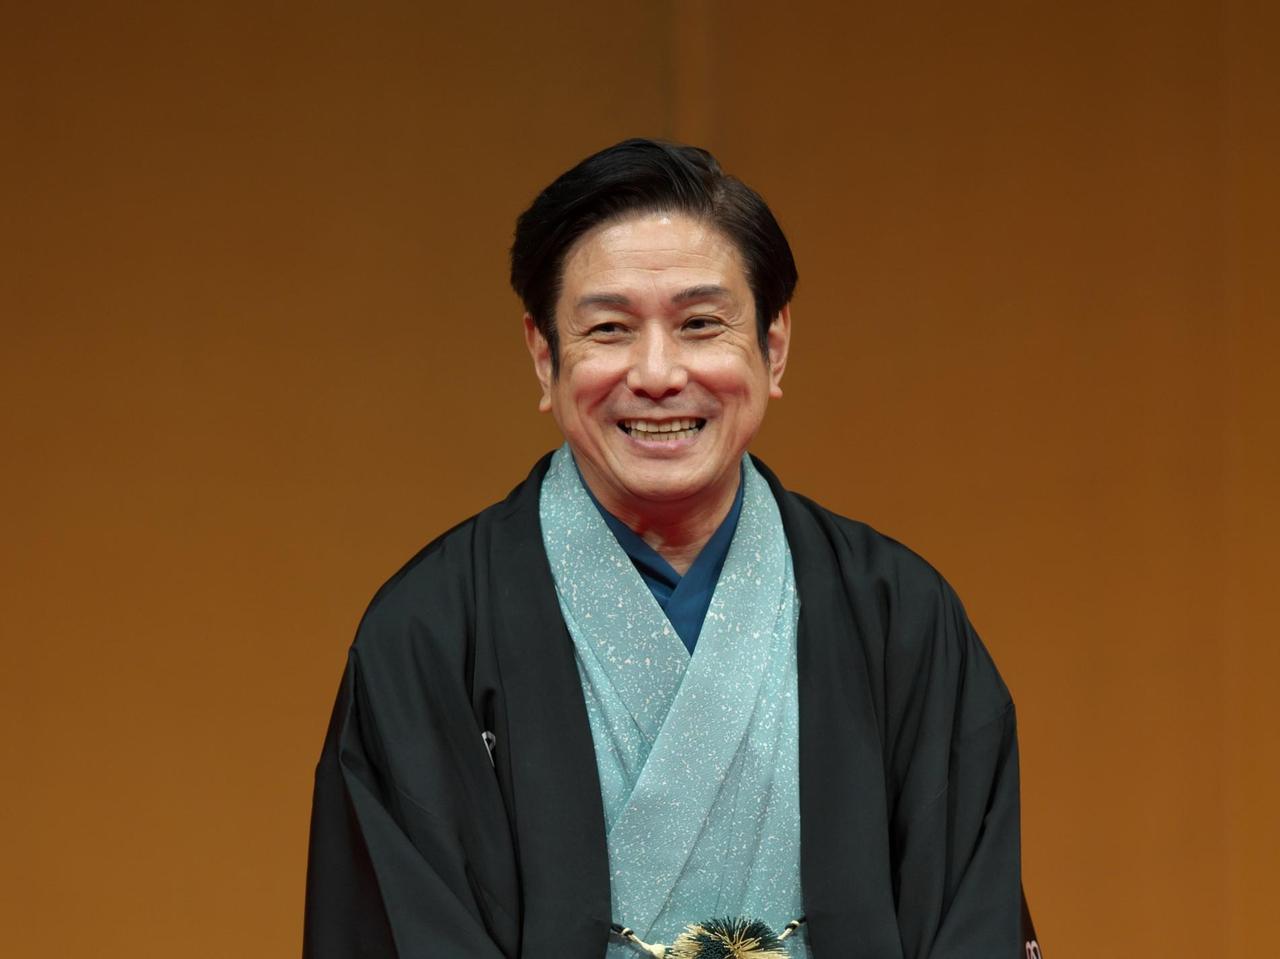 桂米團治さんの写真